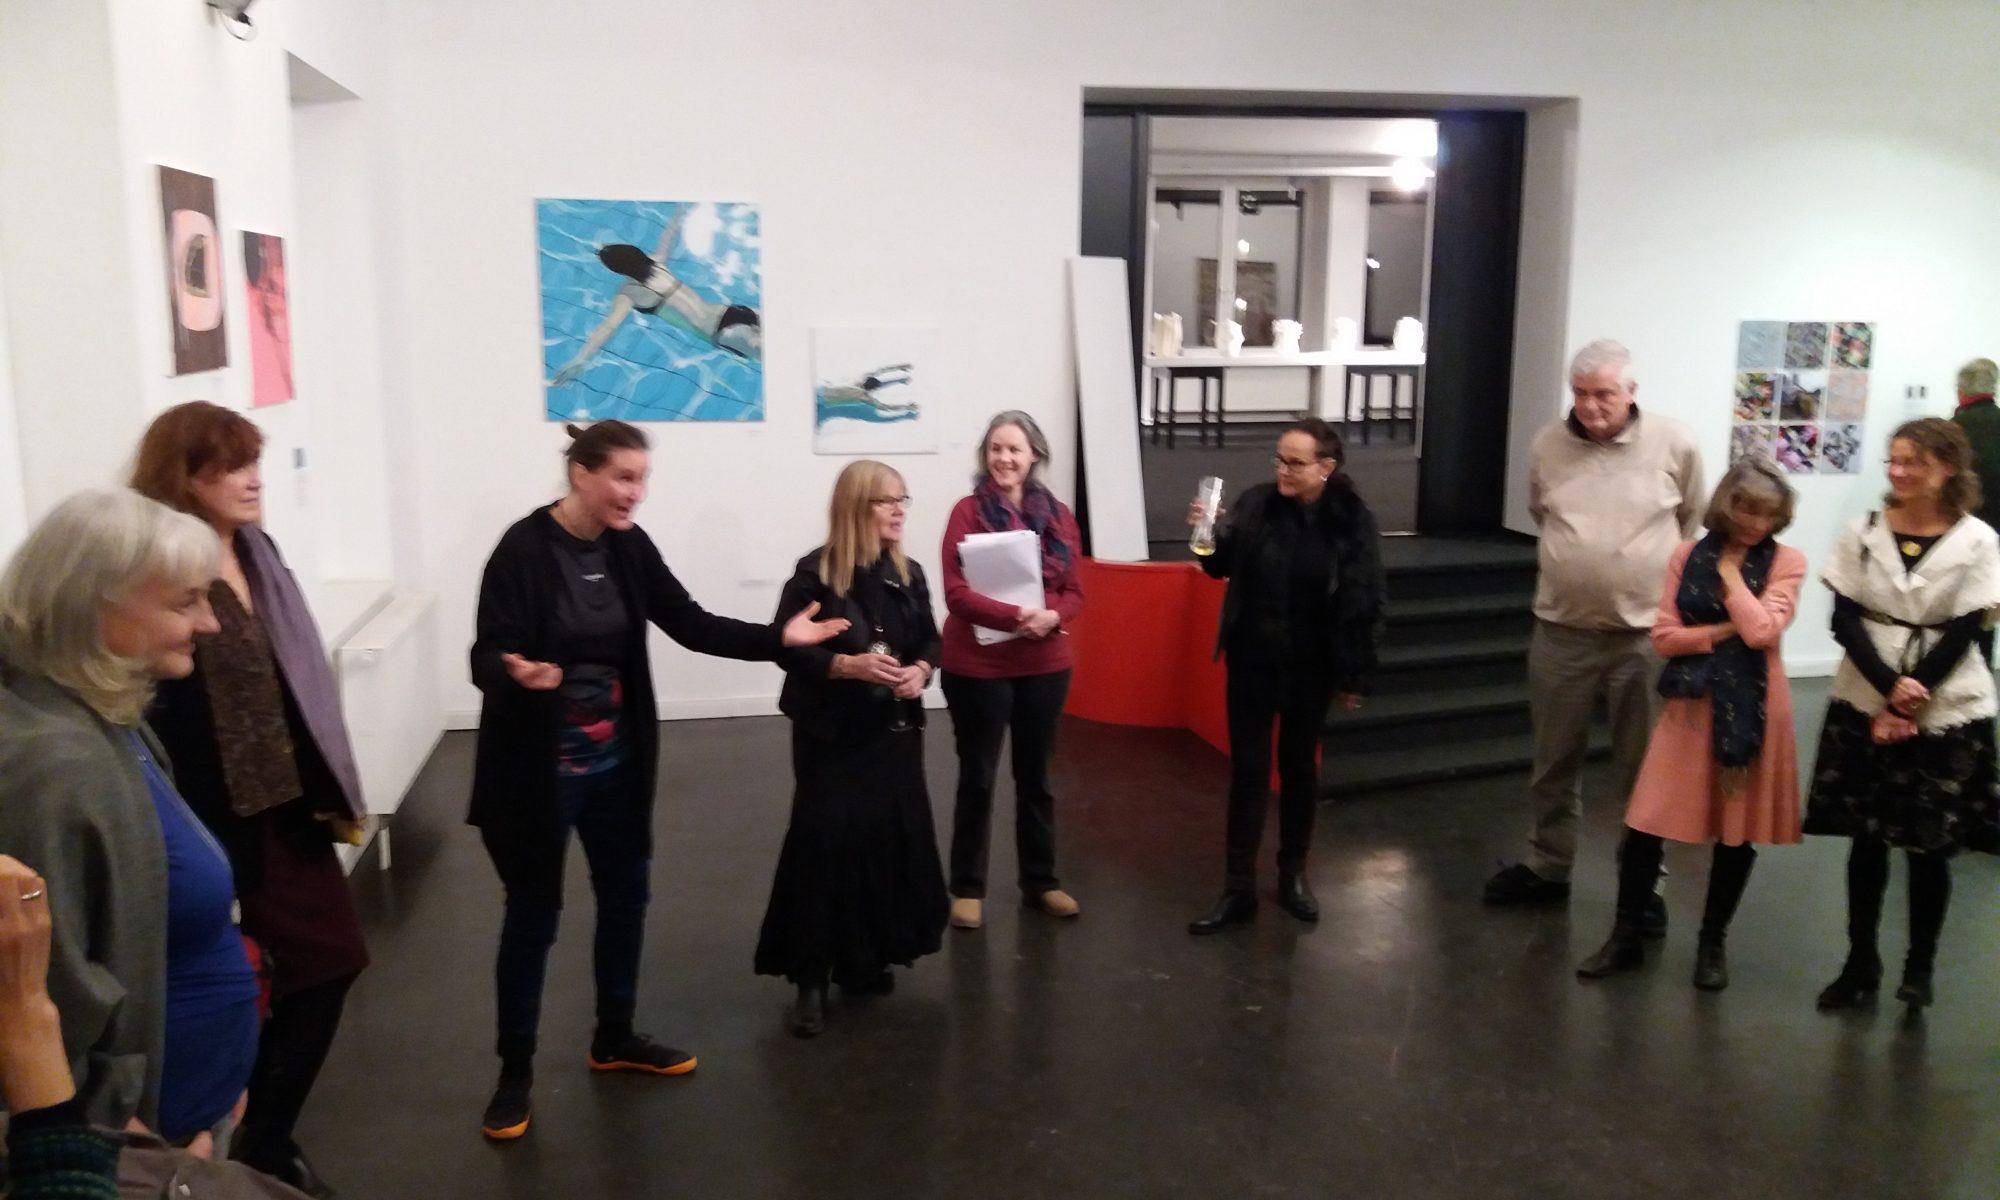 Diessener Kunstsalon: Briefing vor der Vernissage